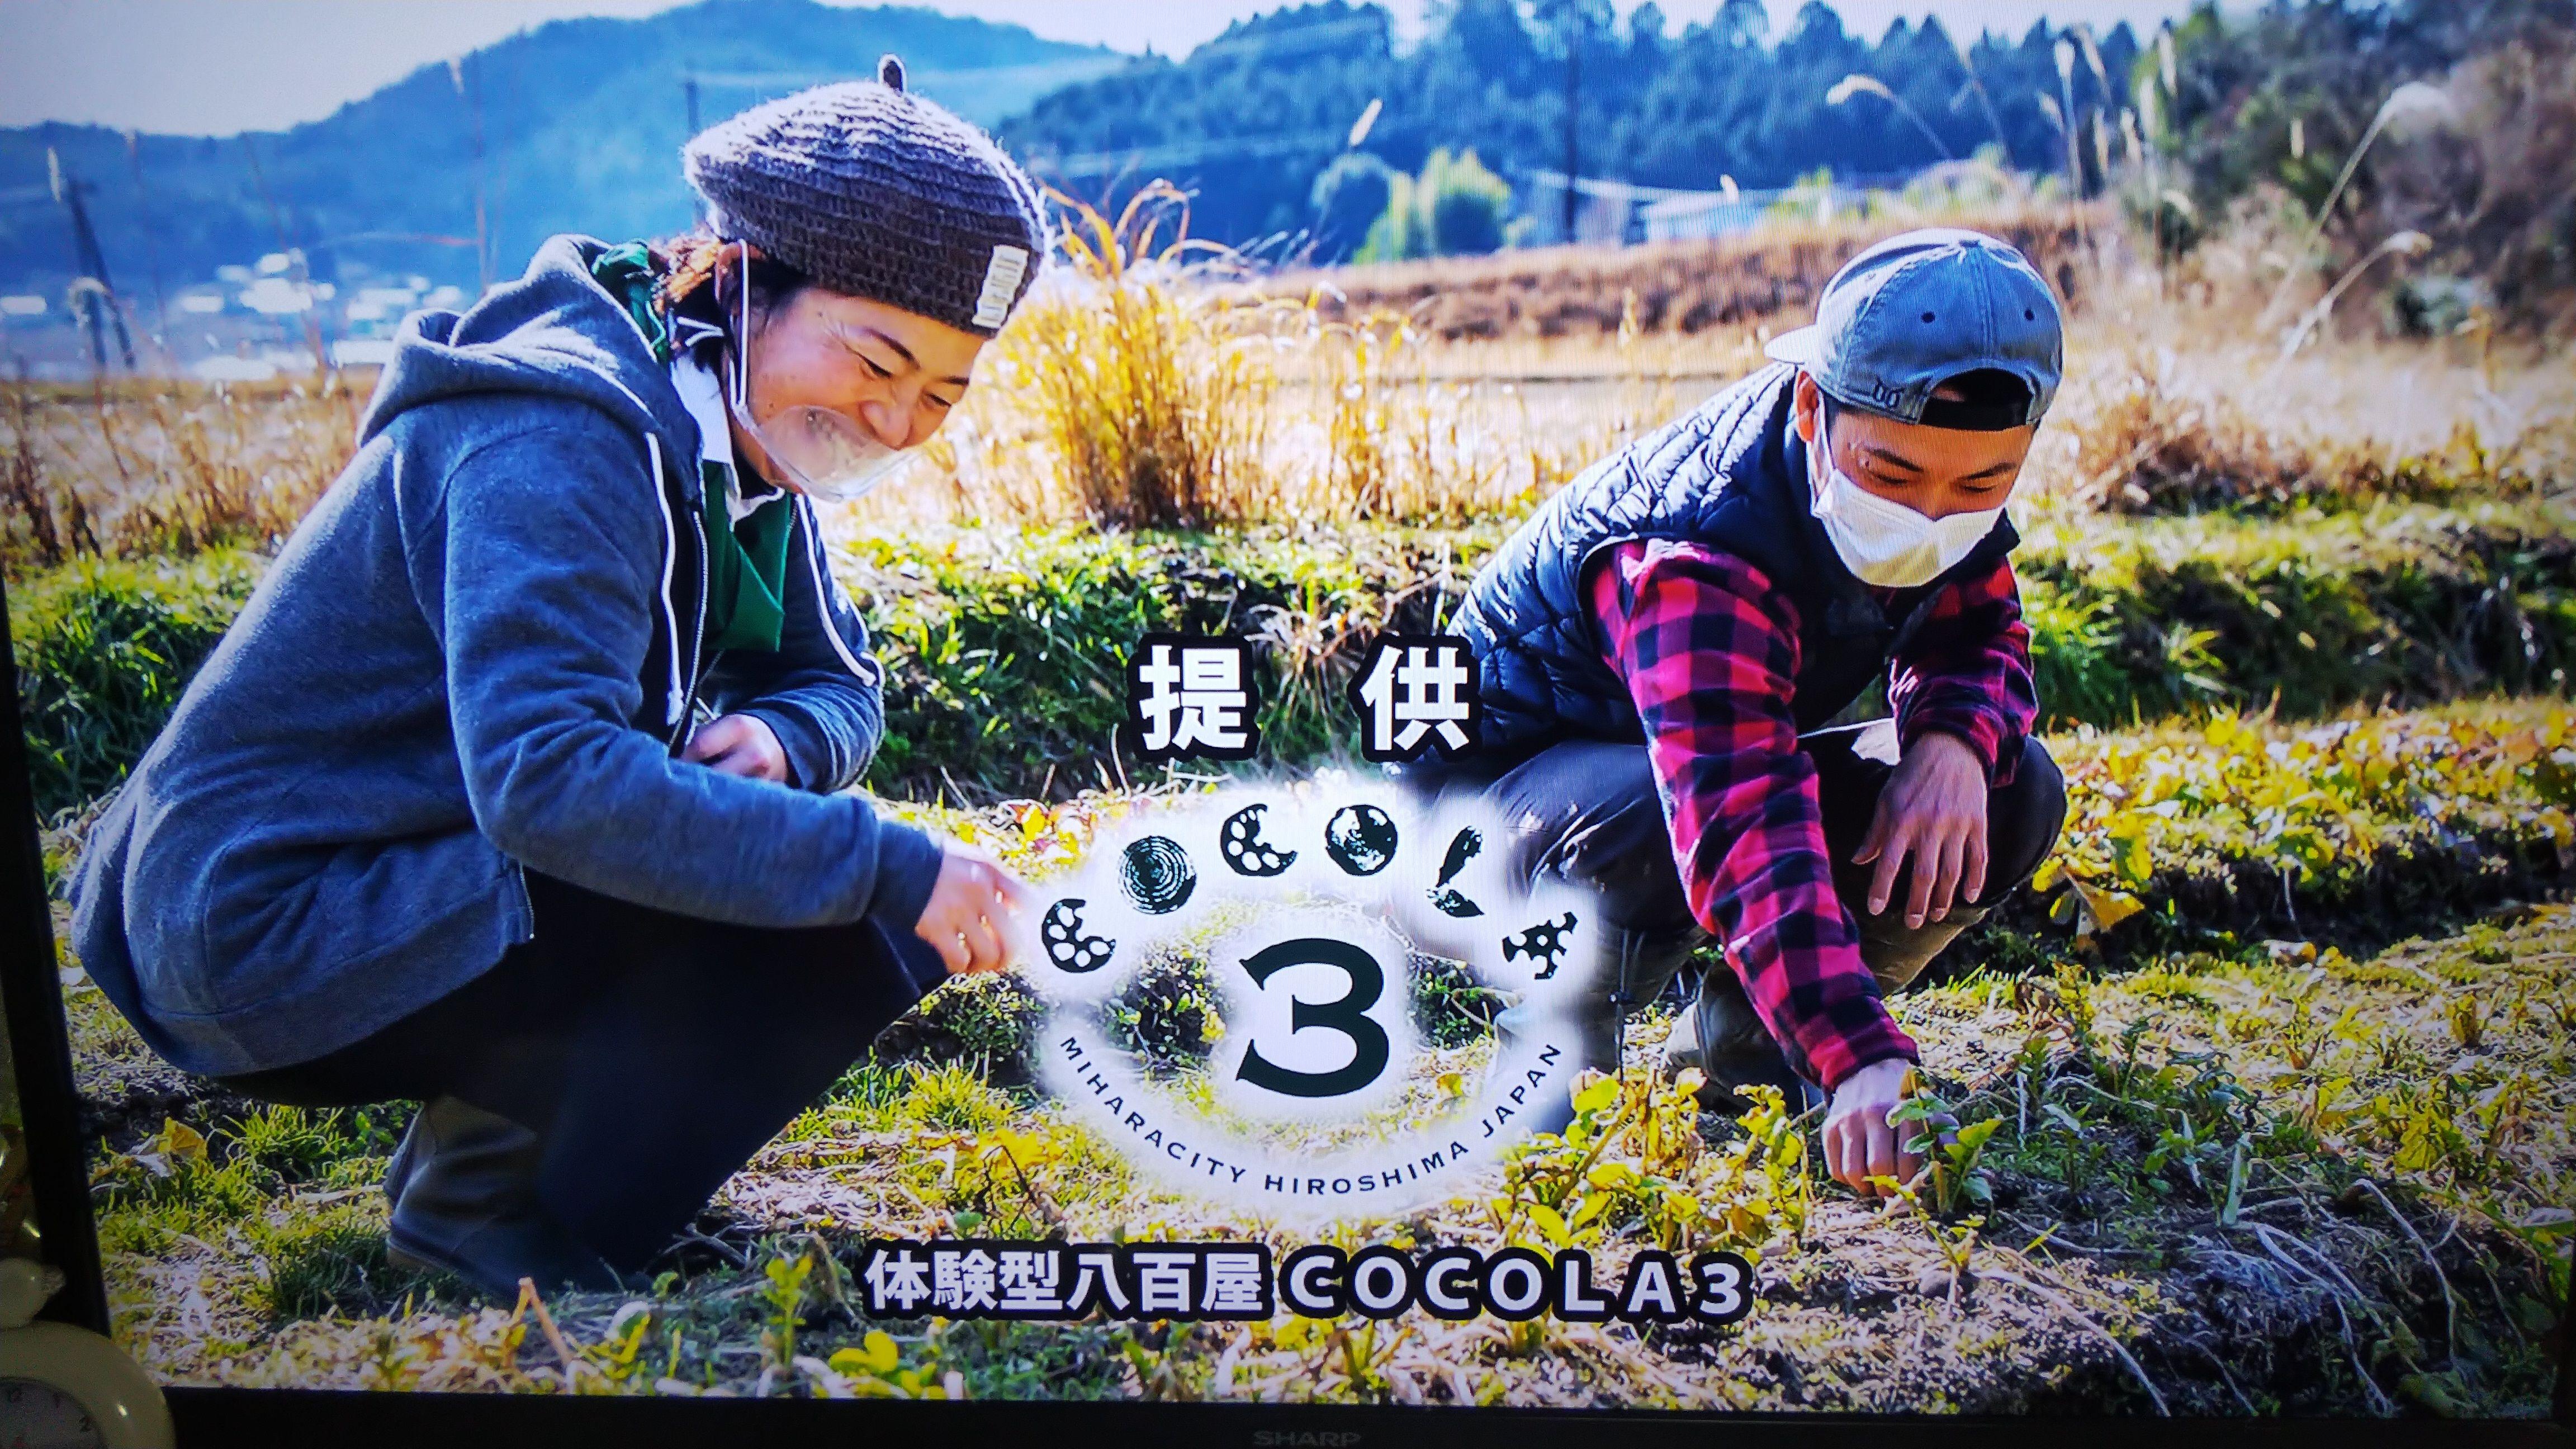 体験型八百屋COCOLA3 ココラサンネットショップ